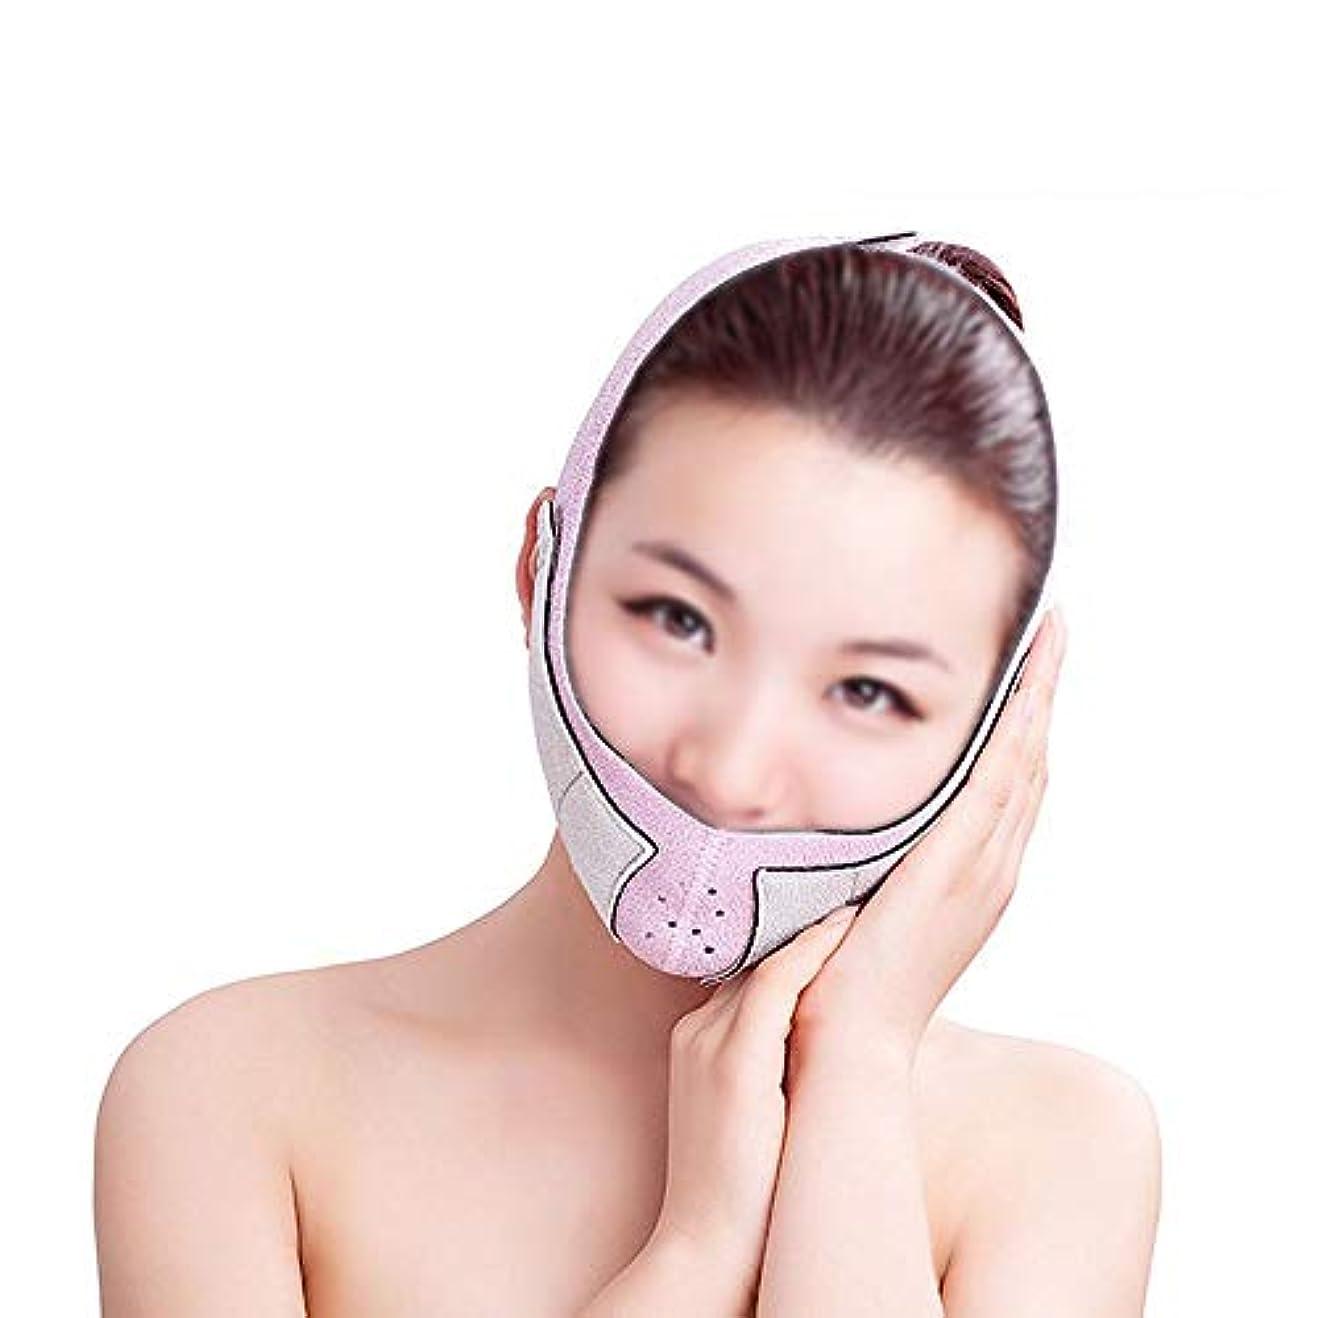 水素是正するスペードフェイスリフトマスク、痩身ベルト薄いフェイスマスク強力な持ち上げ小さなV顔薄い顔包帯美容フェイスリフティングデバイス